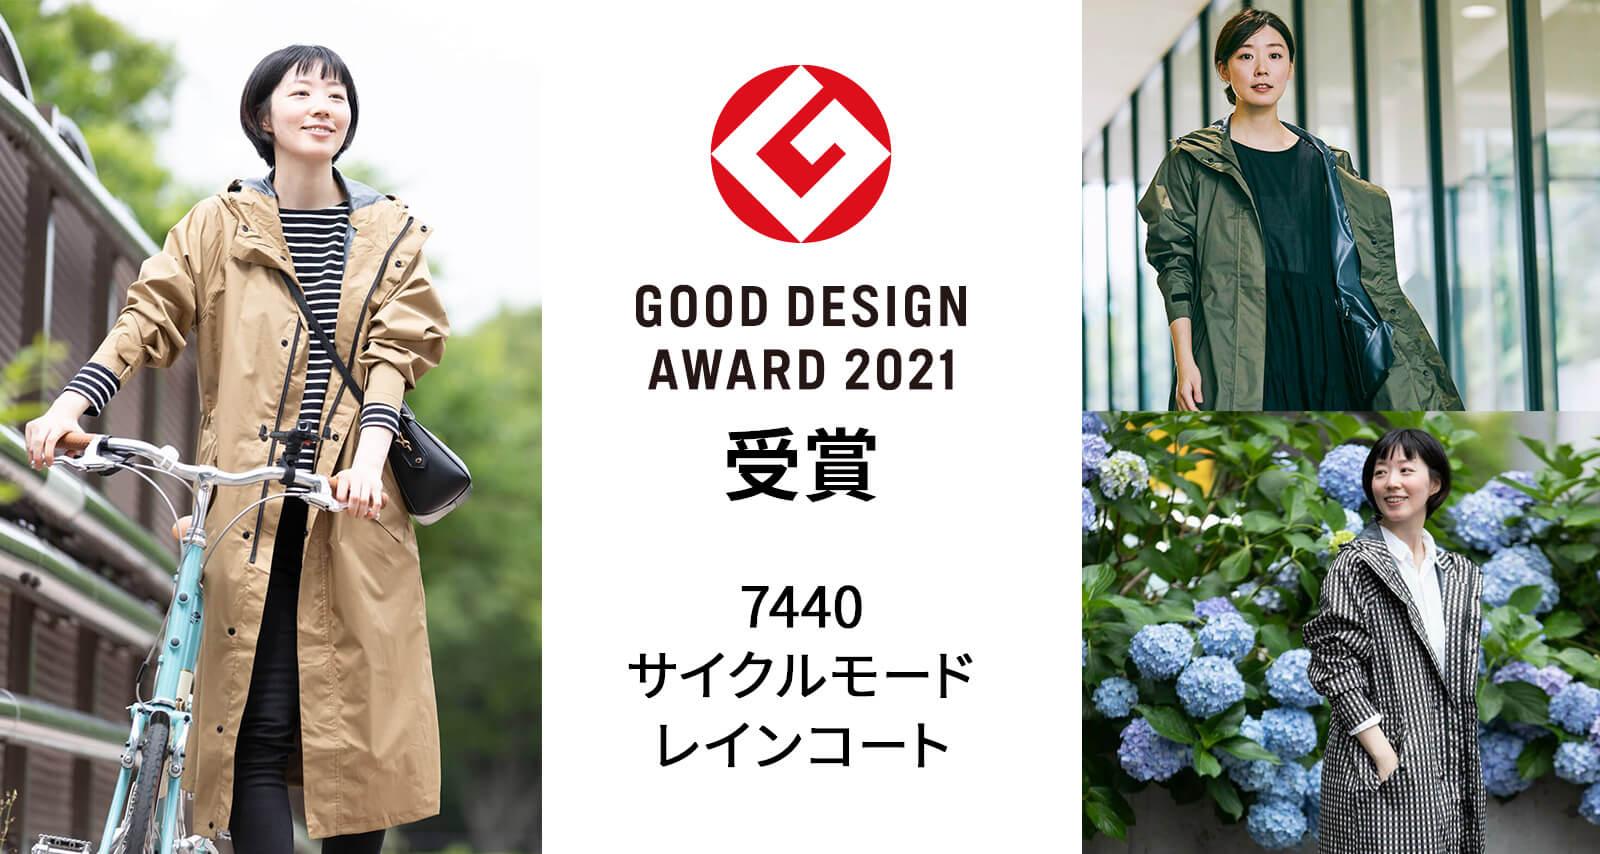 グッドデザイン賞2021 受賞「7440 サイクルモード レインコート」